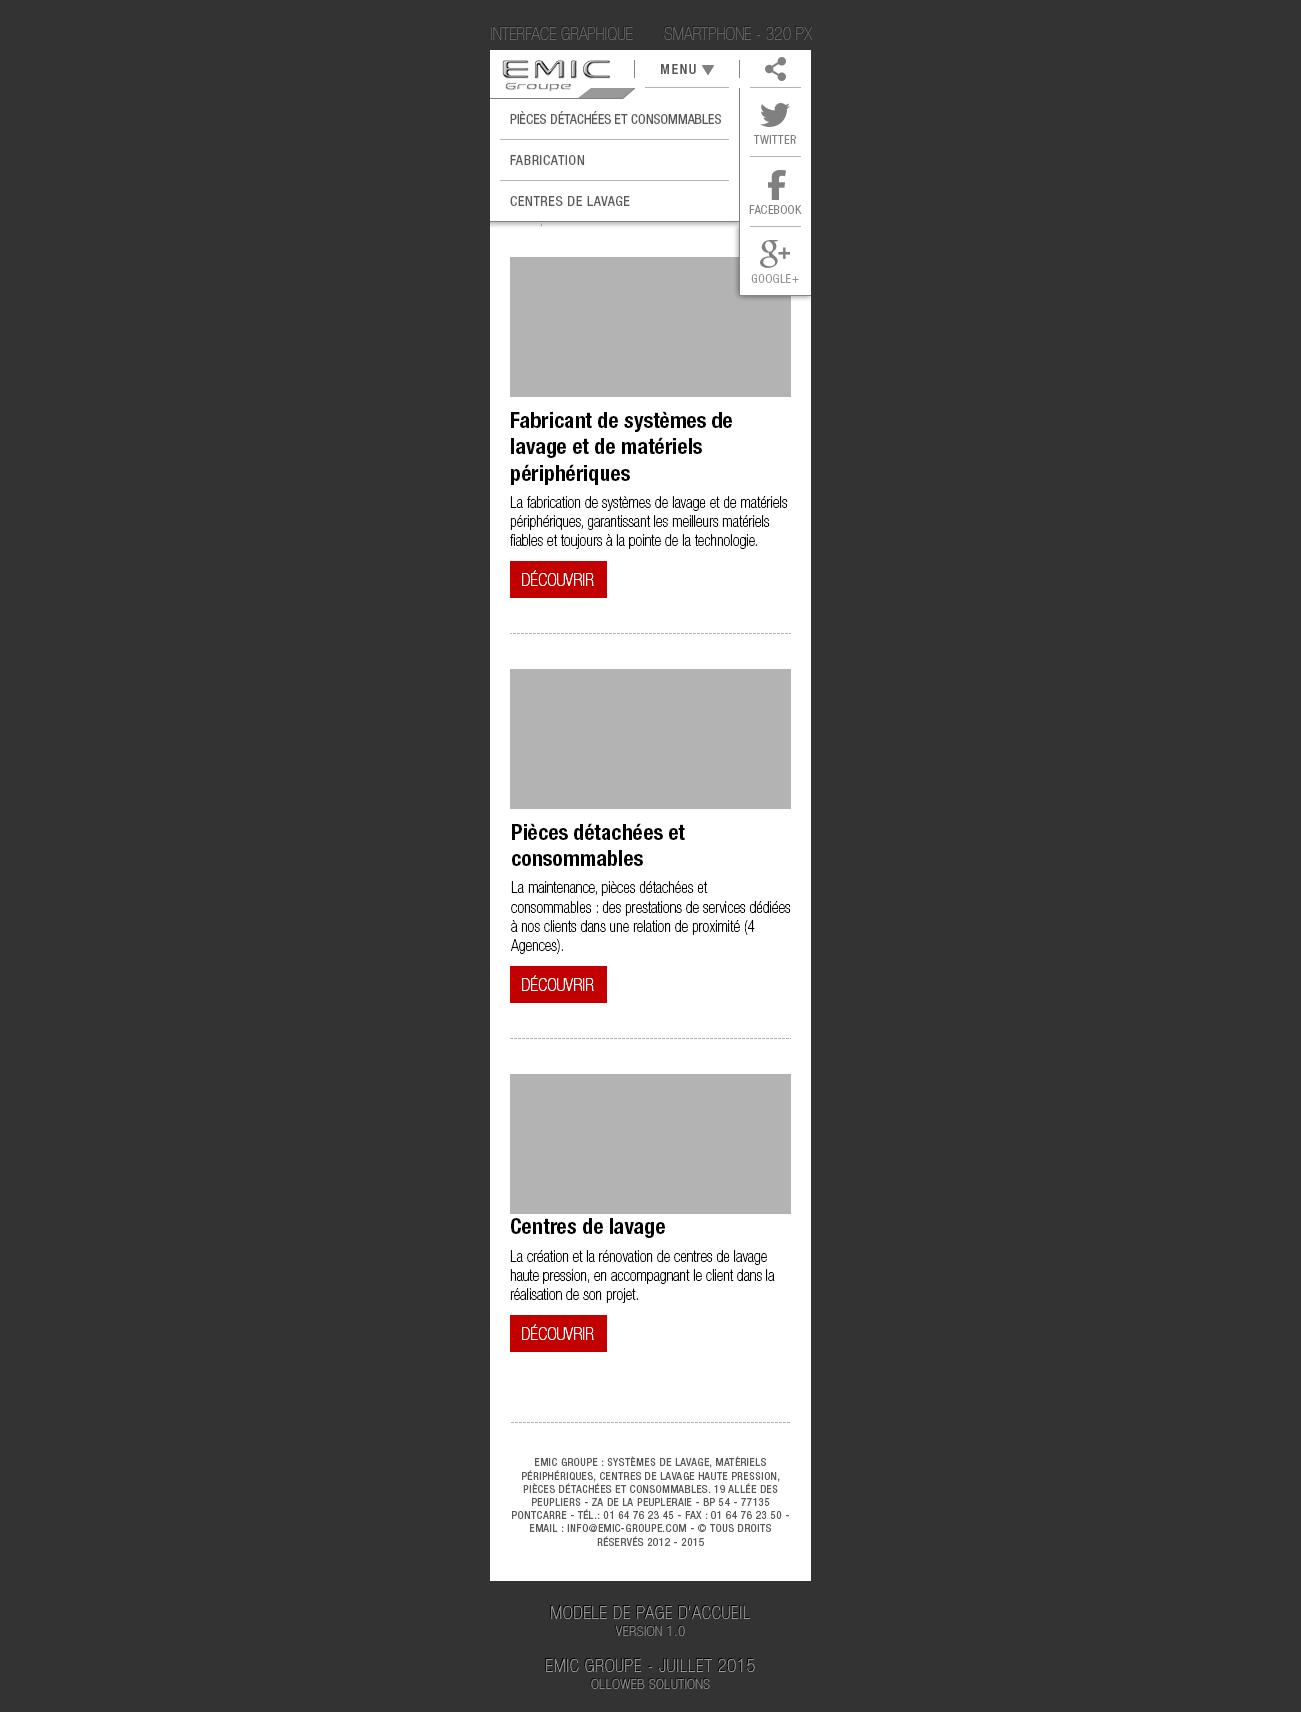 Conception de la version pour smartphone avec menu ouvert.